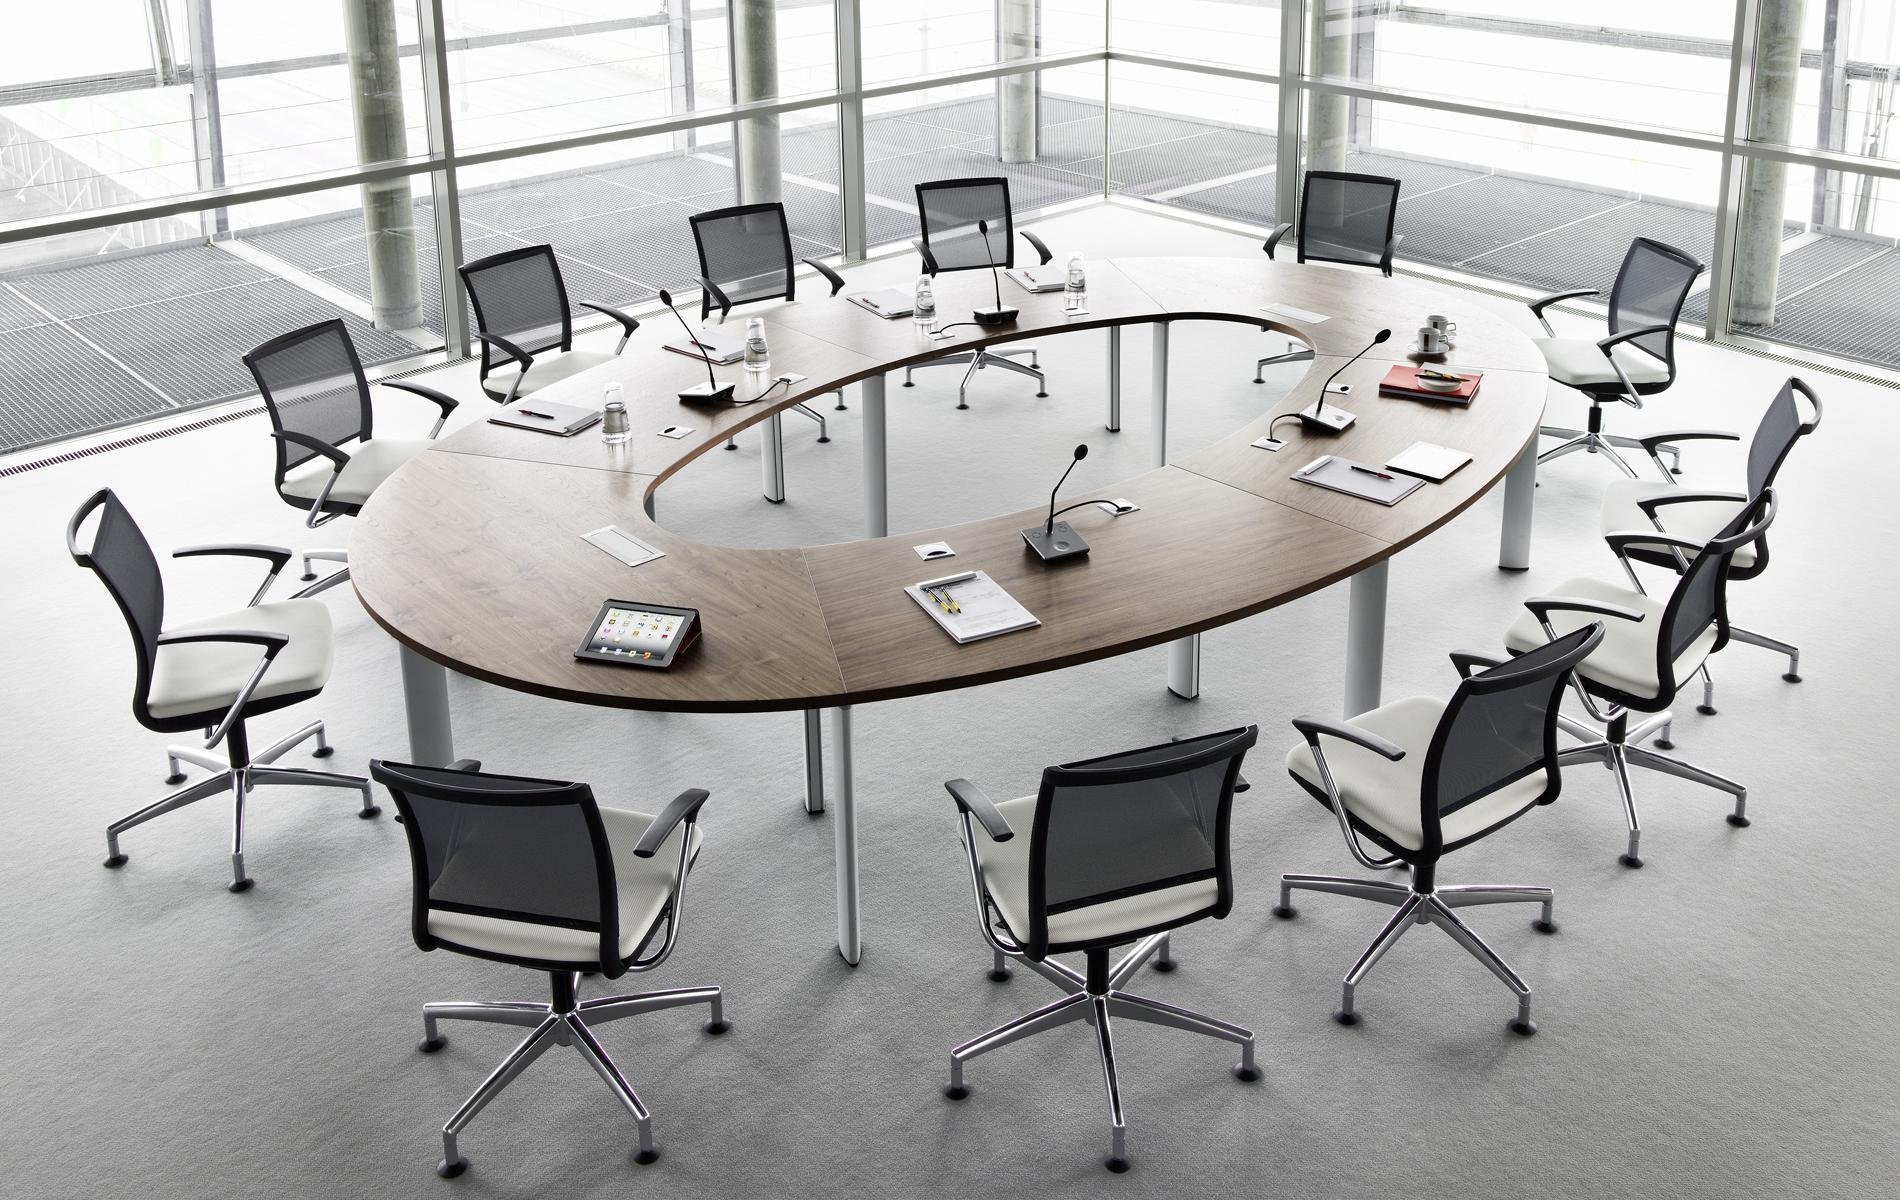 Składane stoły konferencyjne, okrągłe stoły konferencyjne CX 3200